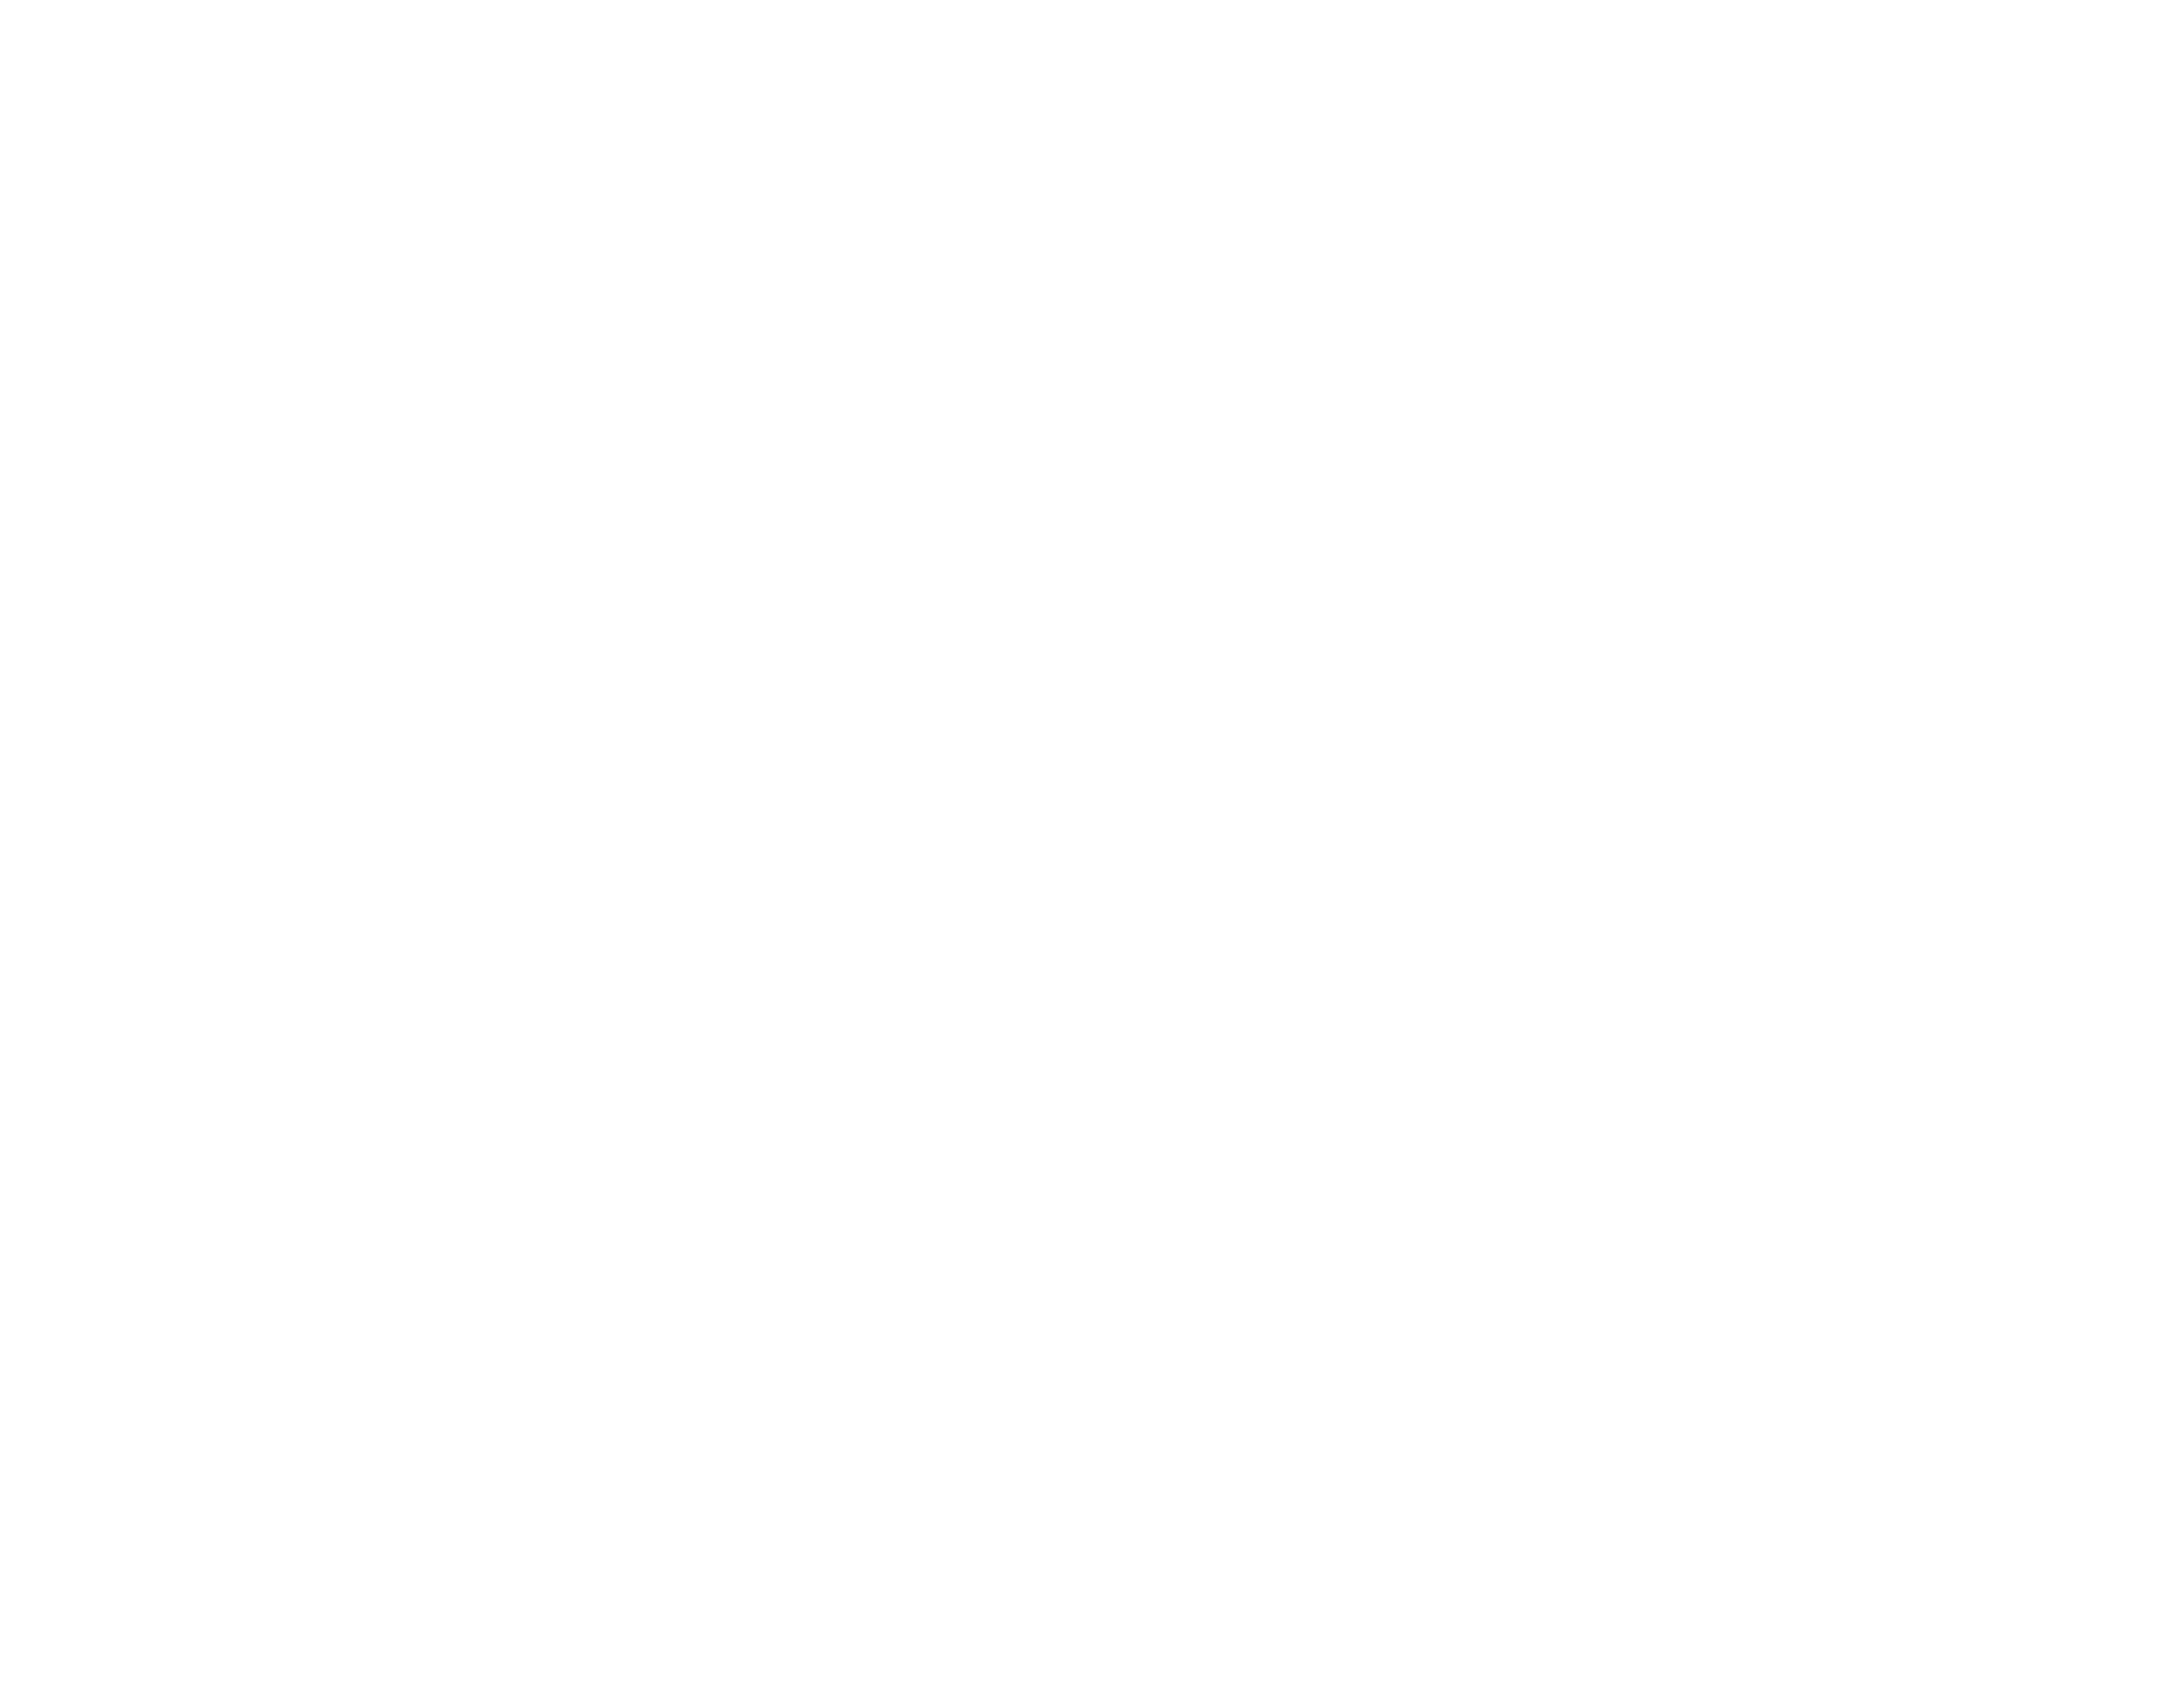 White discord logo